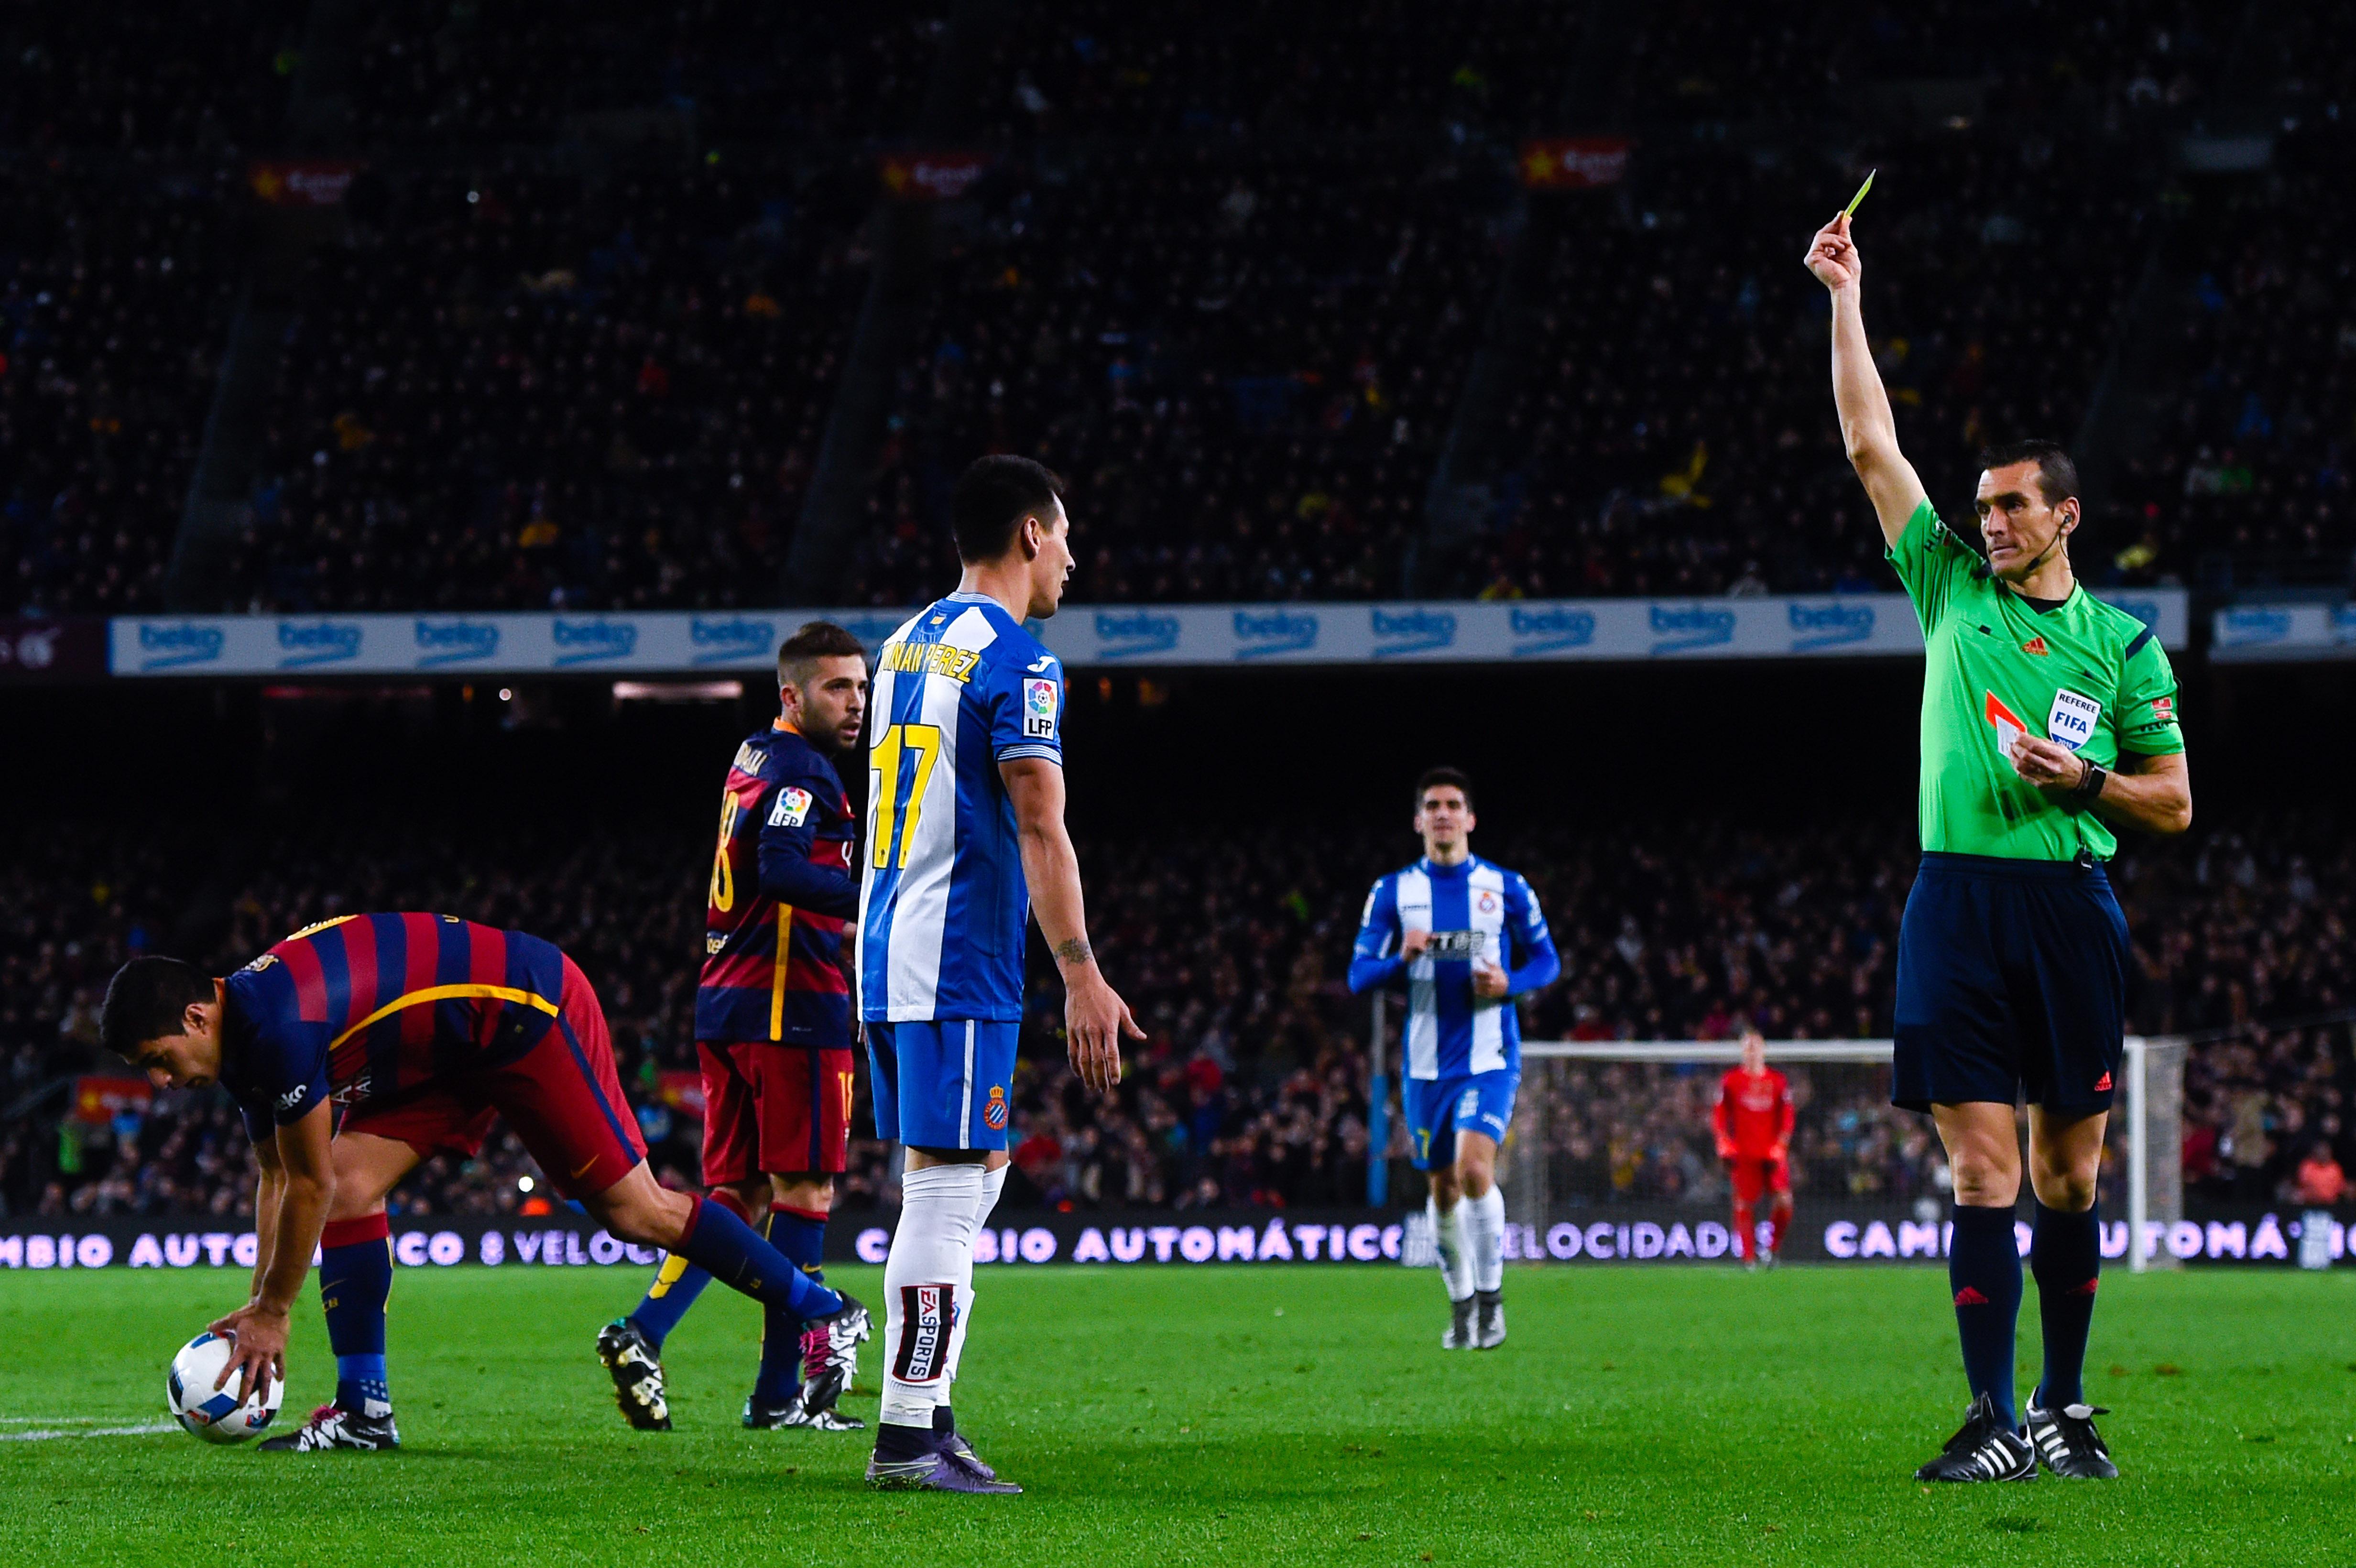 Una imagen habitual de los derbis: un jugador del Espanyol recibiendo una amarilla contra el Barcelona. (Getty)